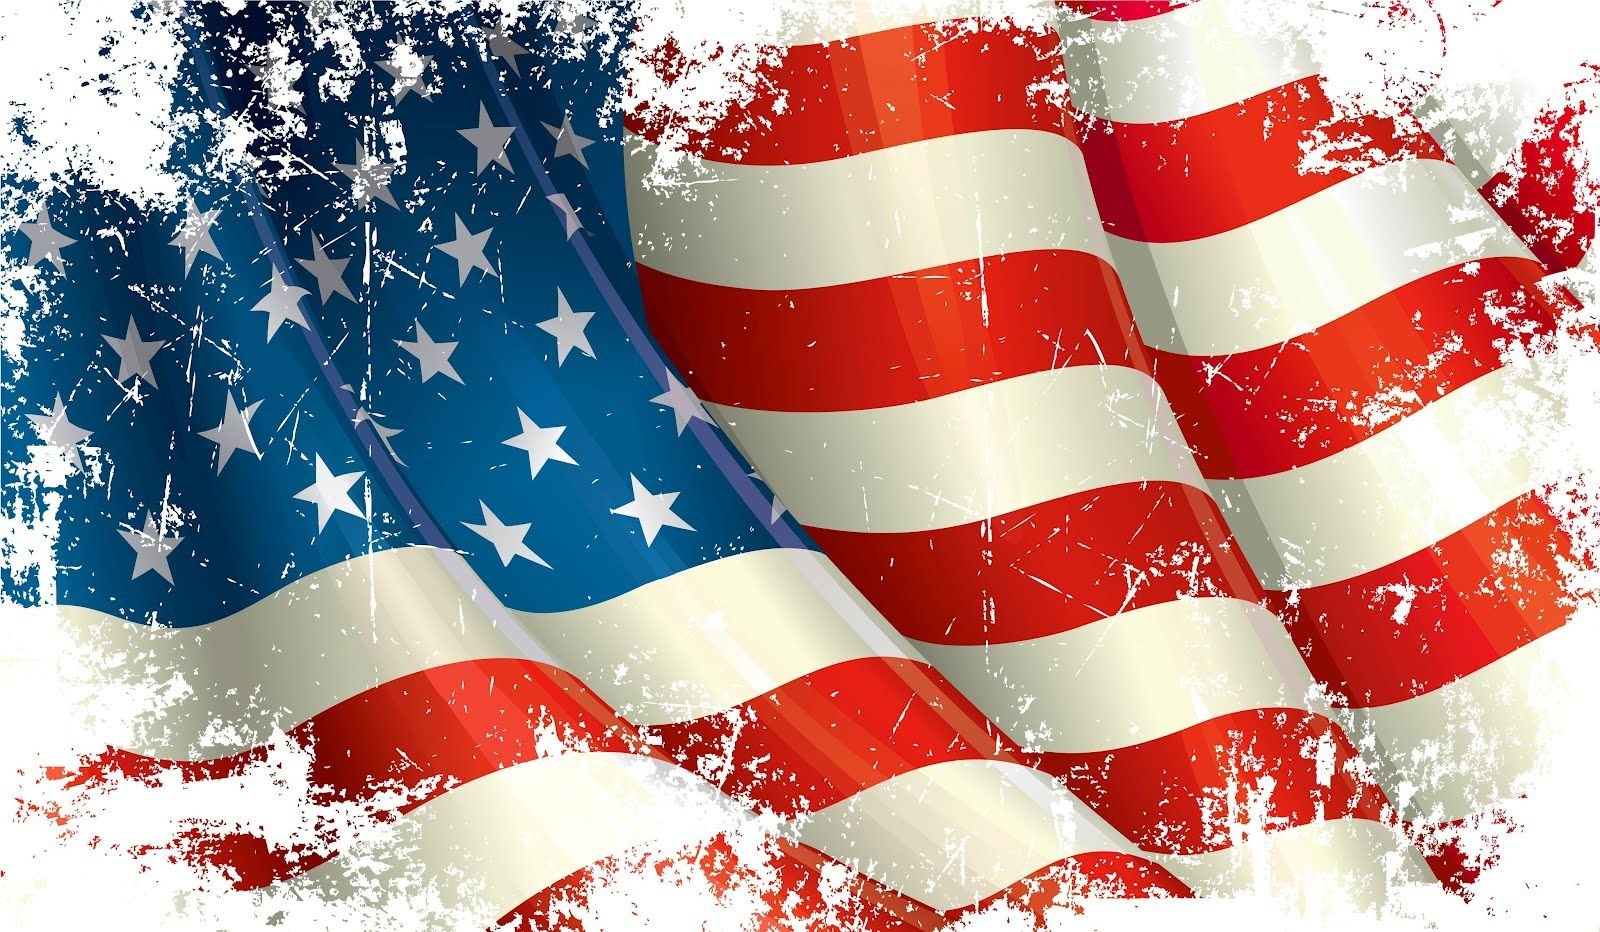 Bandera 2019 Los Estados Diseños Pinterest En De Unidos FHzFq8w